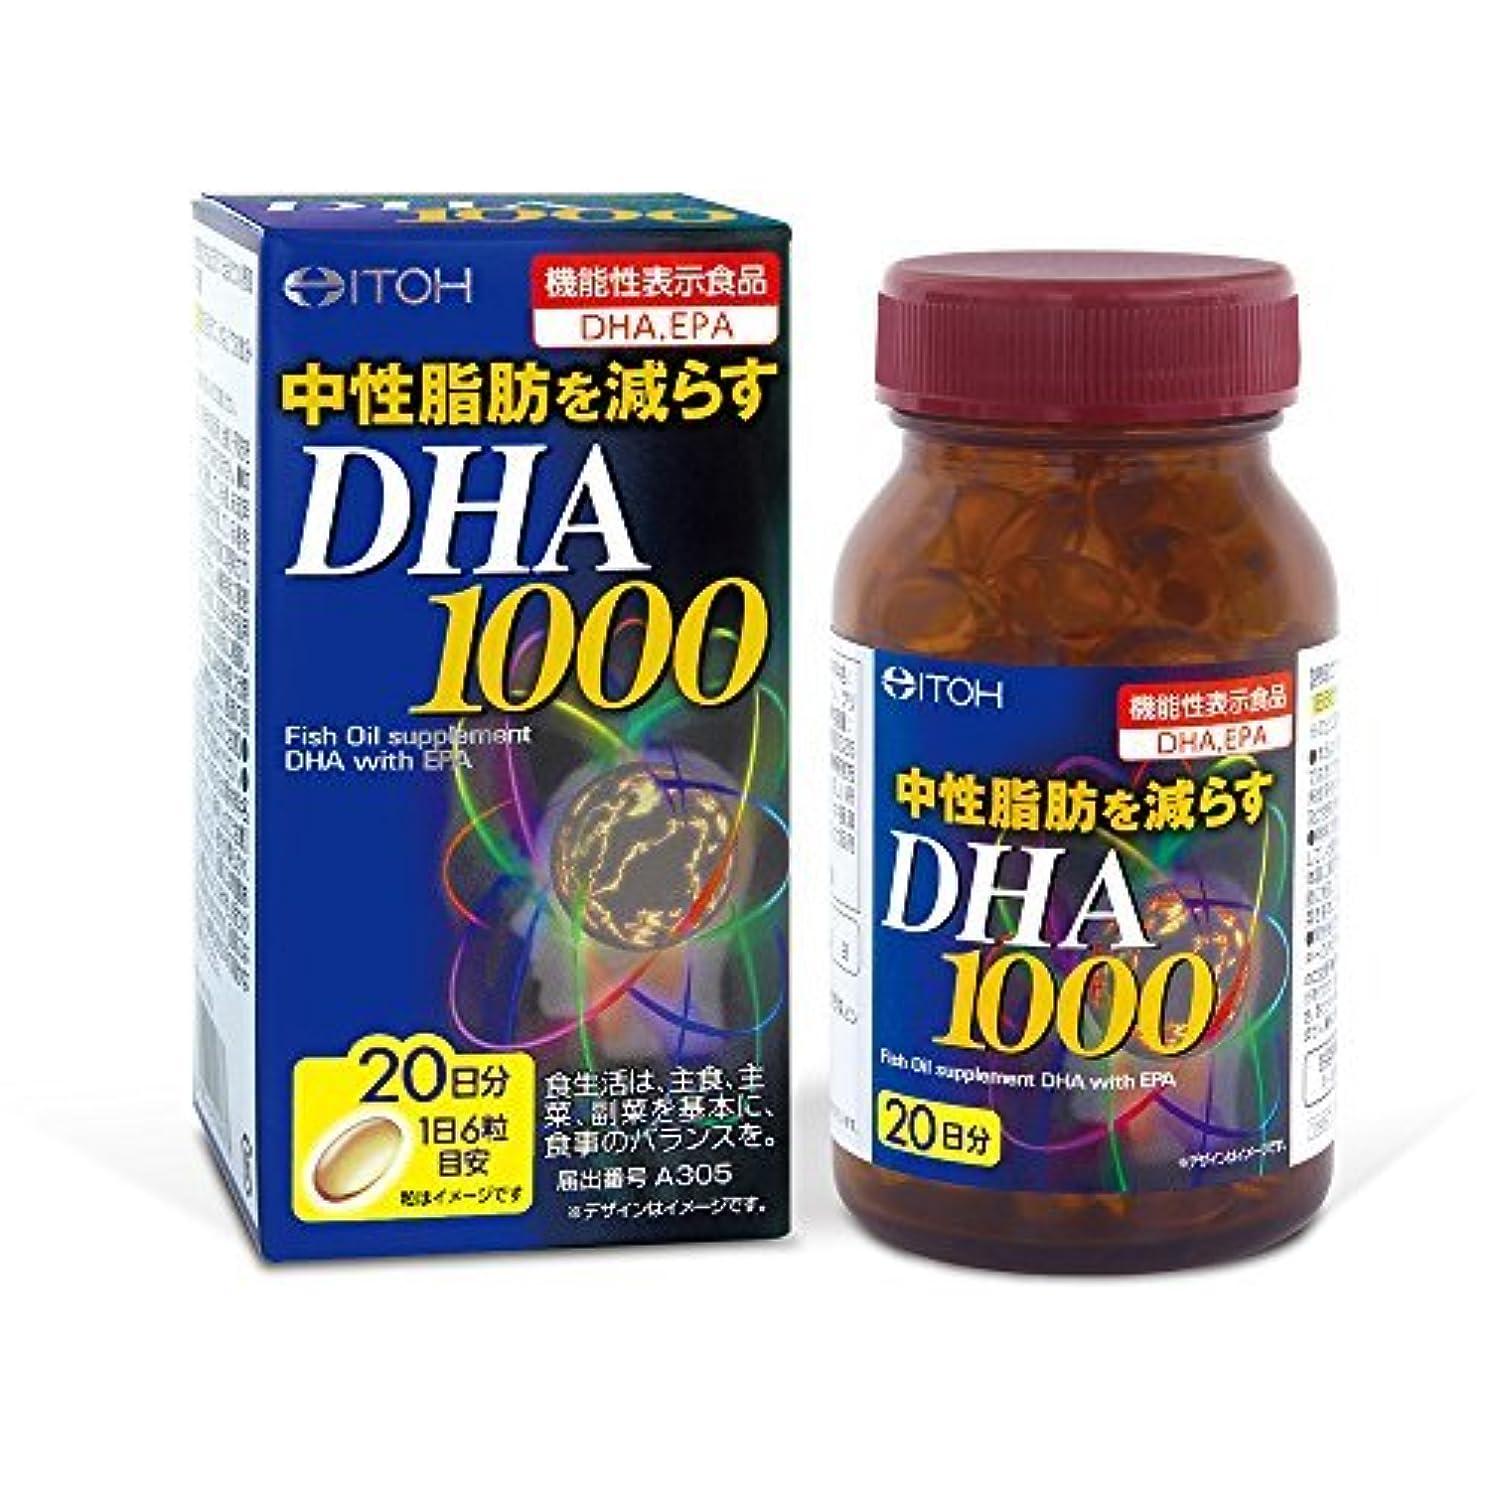 議論する常識関与する井藤漢方製薬 DHA1000 約20日分 120粒 Japan